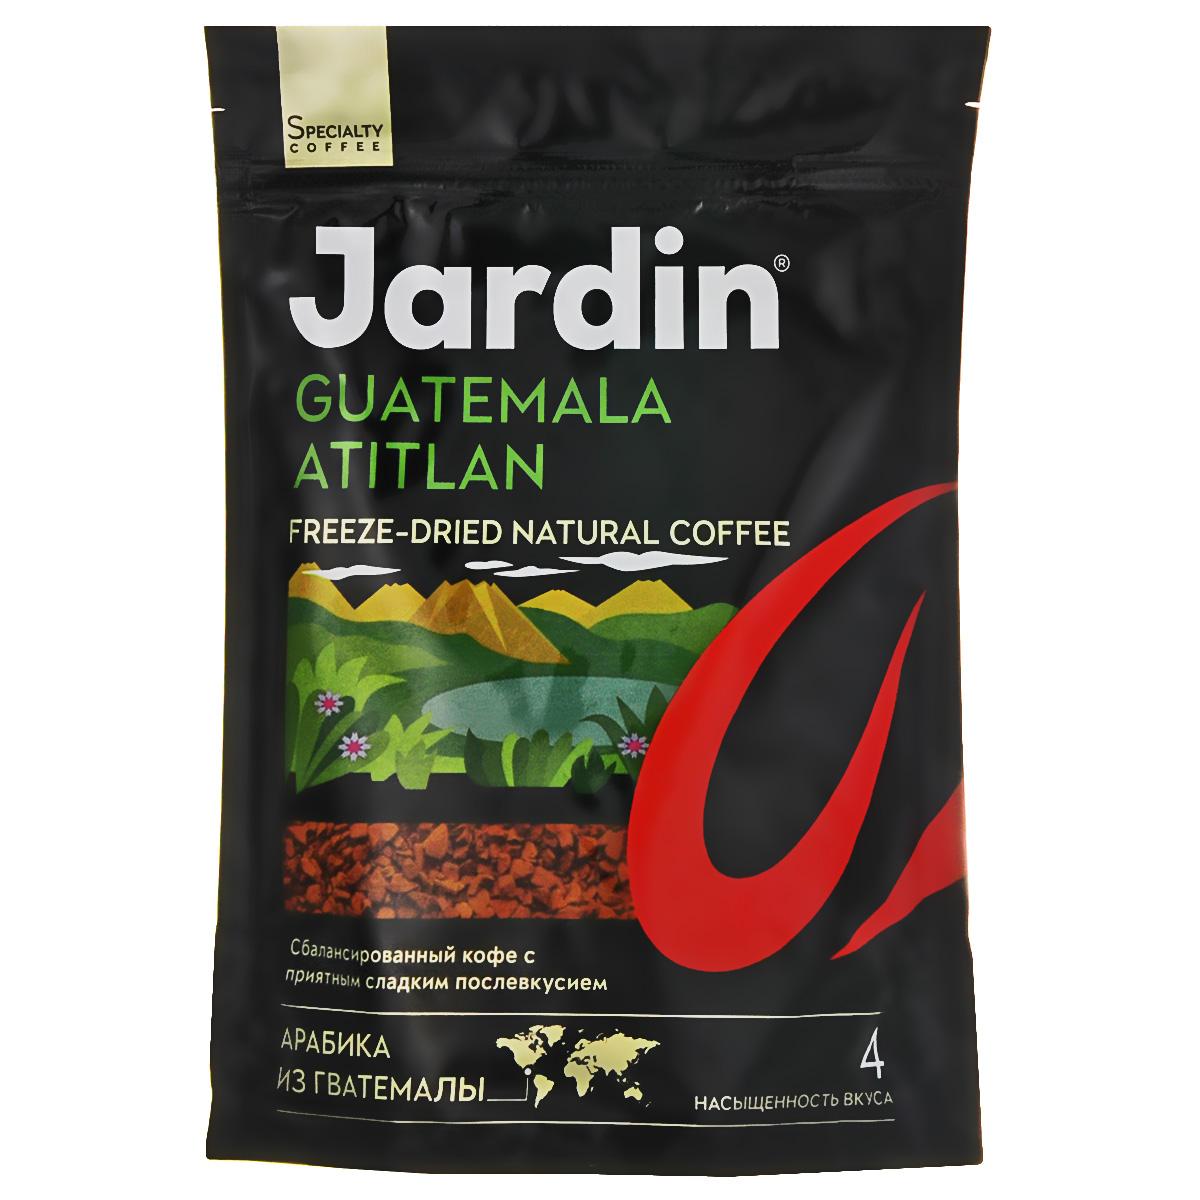 Jardin Guatemala Atitlan кофе растворимый, 150 г (м/у)1016-14Растворимый кофе Jardin Guatemala Atitlan - сбалансированный кофе с приятным фруктовым послевкусием, выращенный в Гватемале.